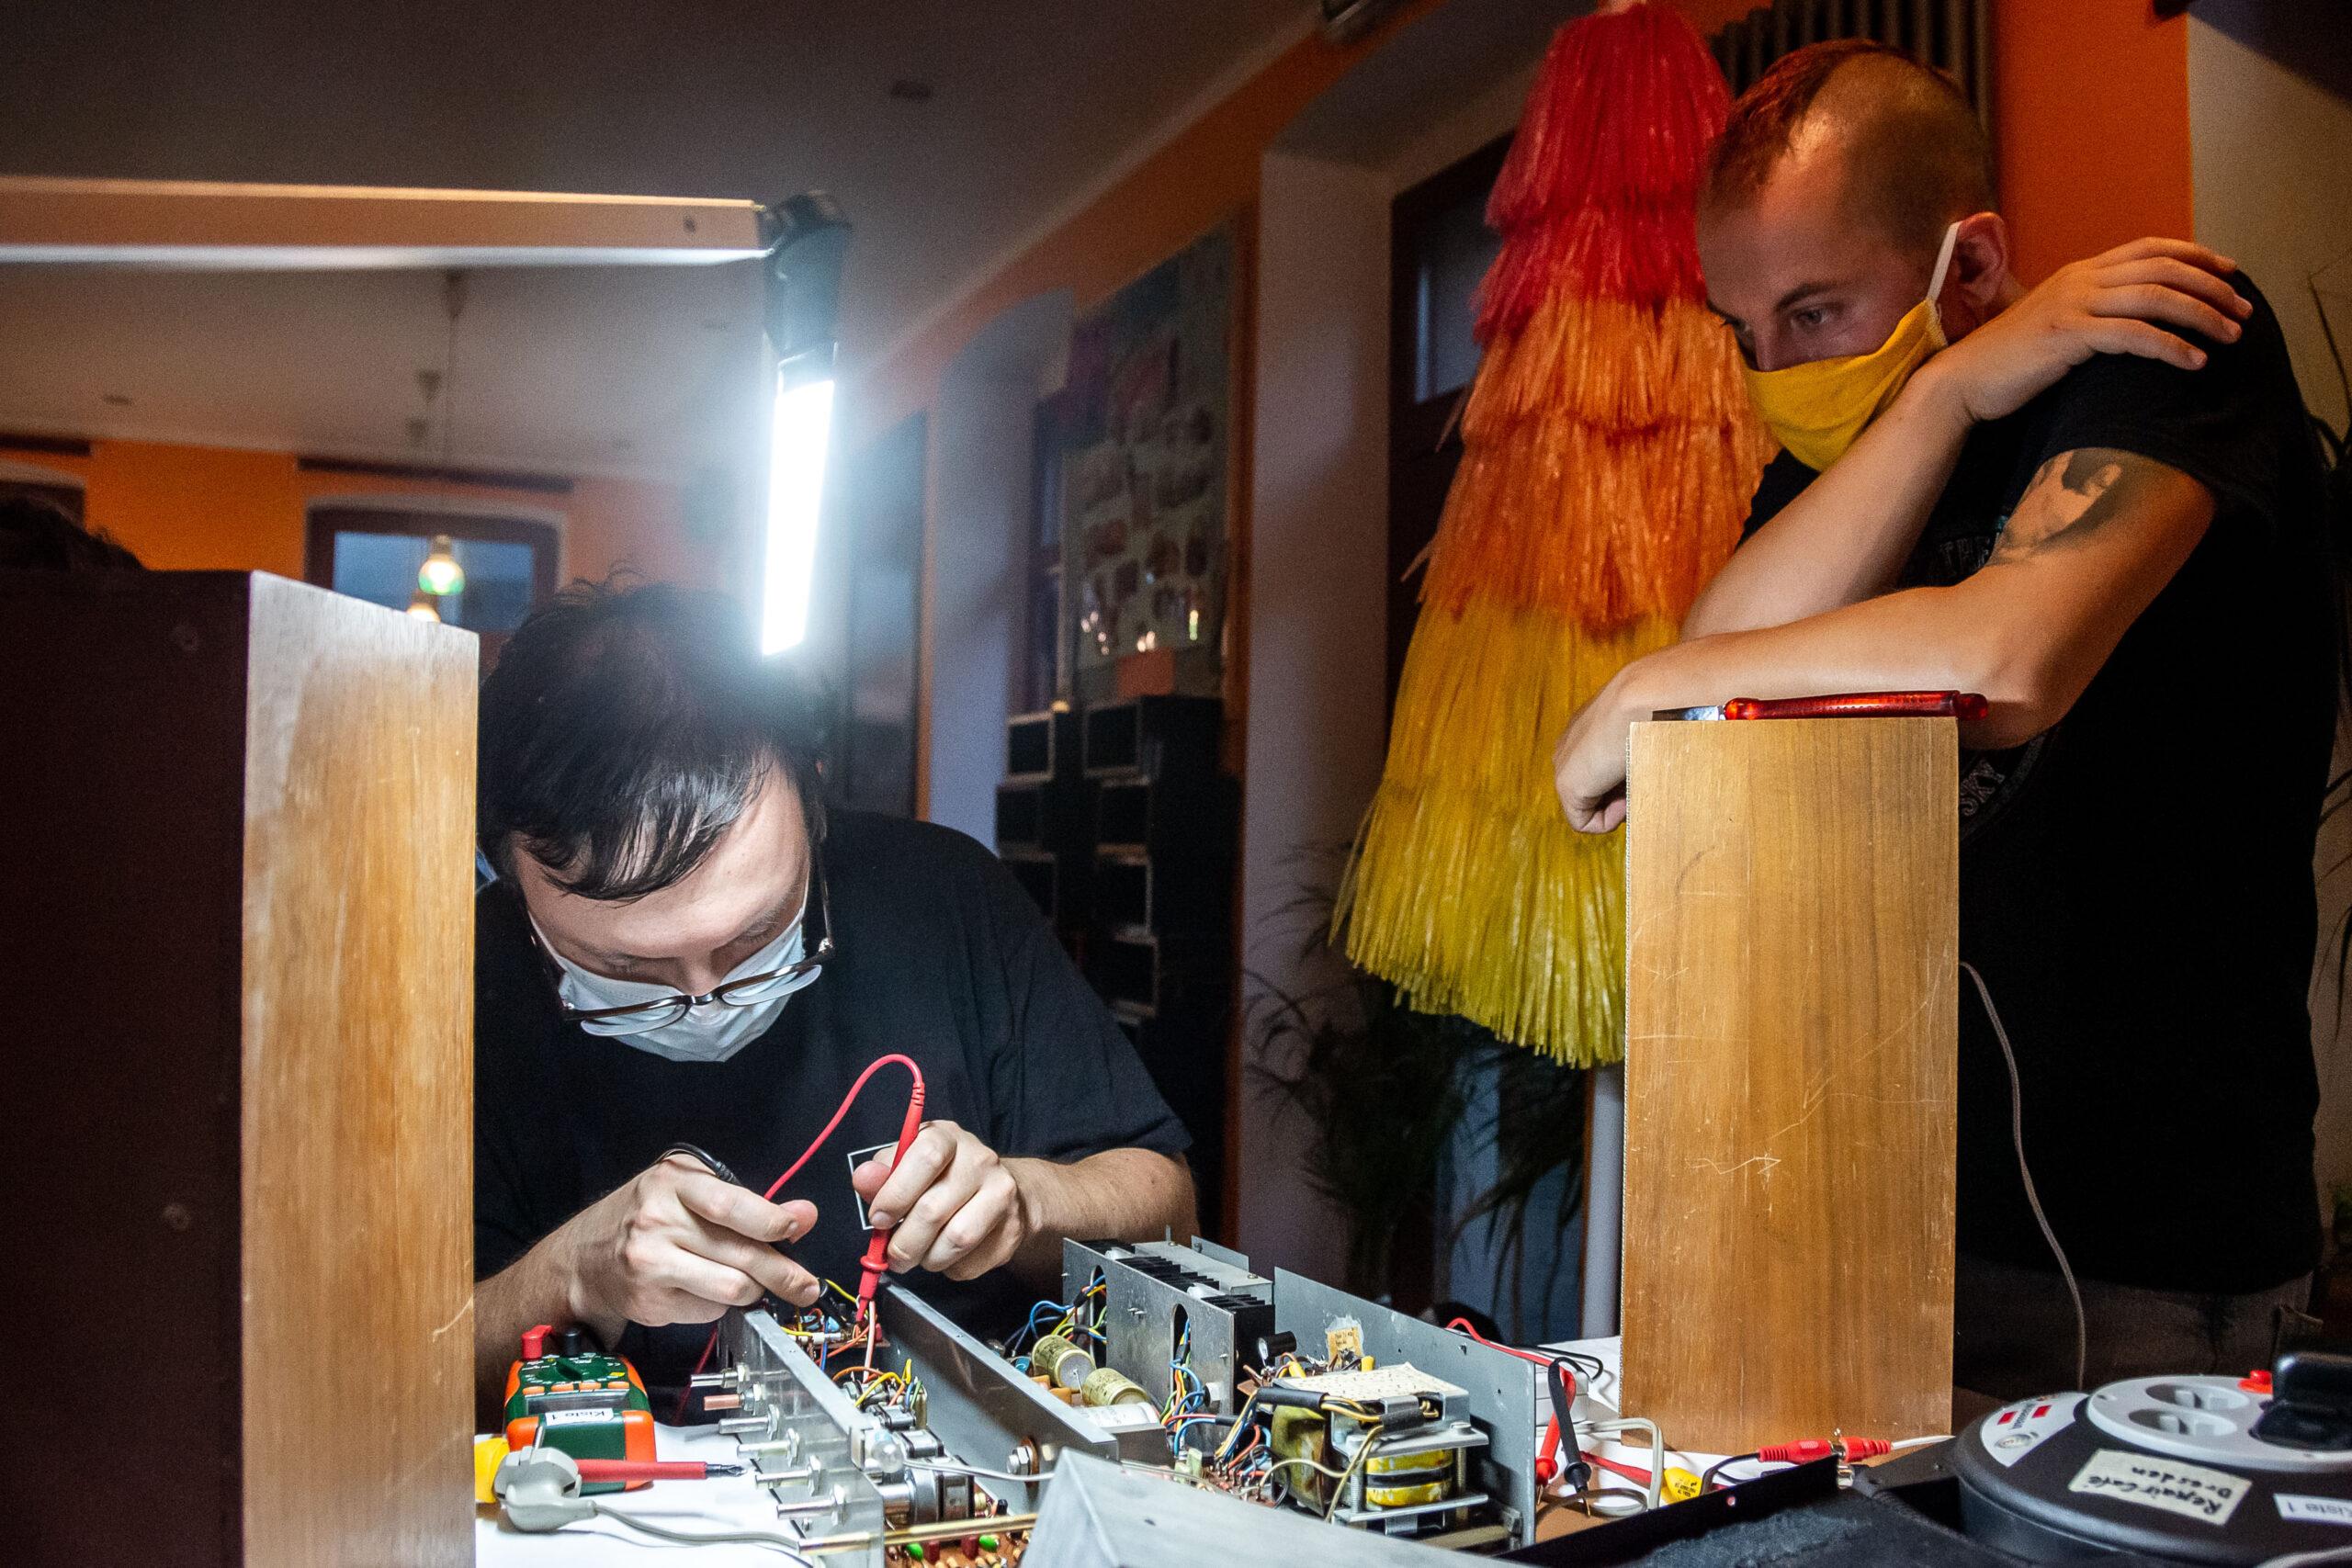 Reportagefotografie - Werbeagentur Haas: Verstärker im RepairCafe Dresden